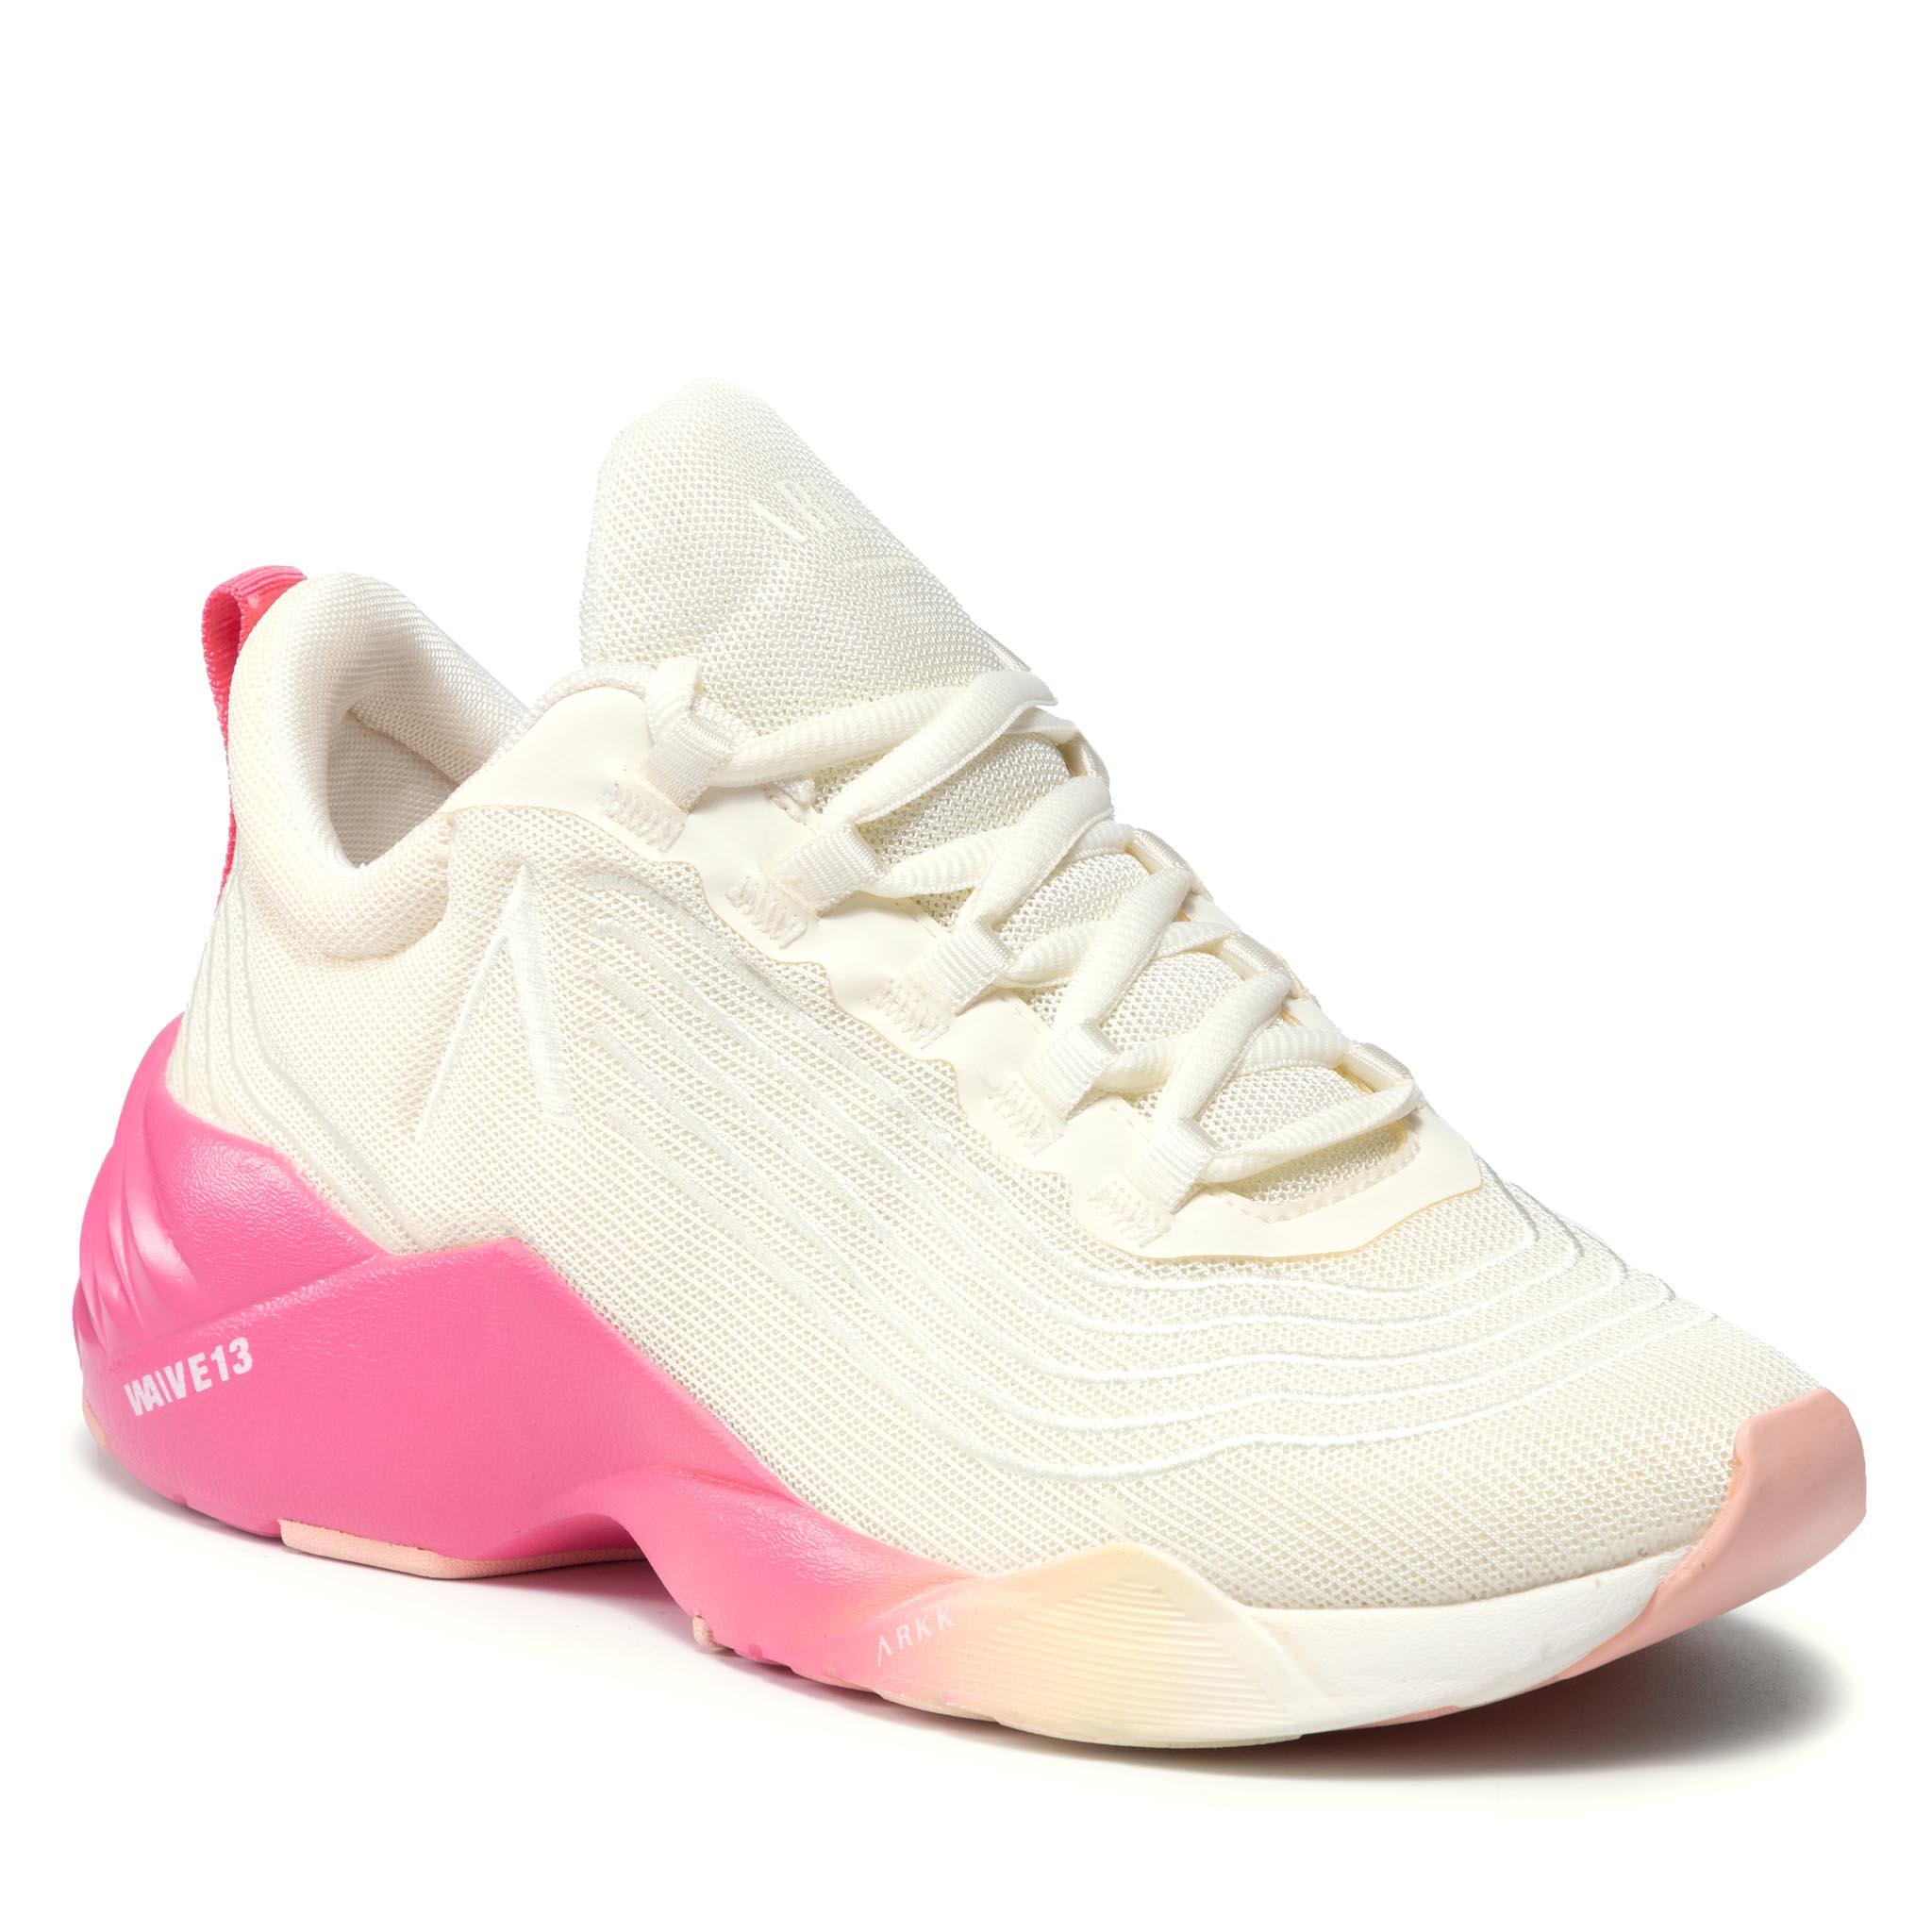 Image of Sneakers ARKK COPENHAGEN - Avory Mesh W13 CO4912-0178-W Marshmallow/Camellia/Rose